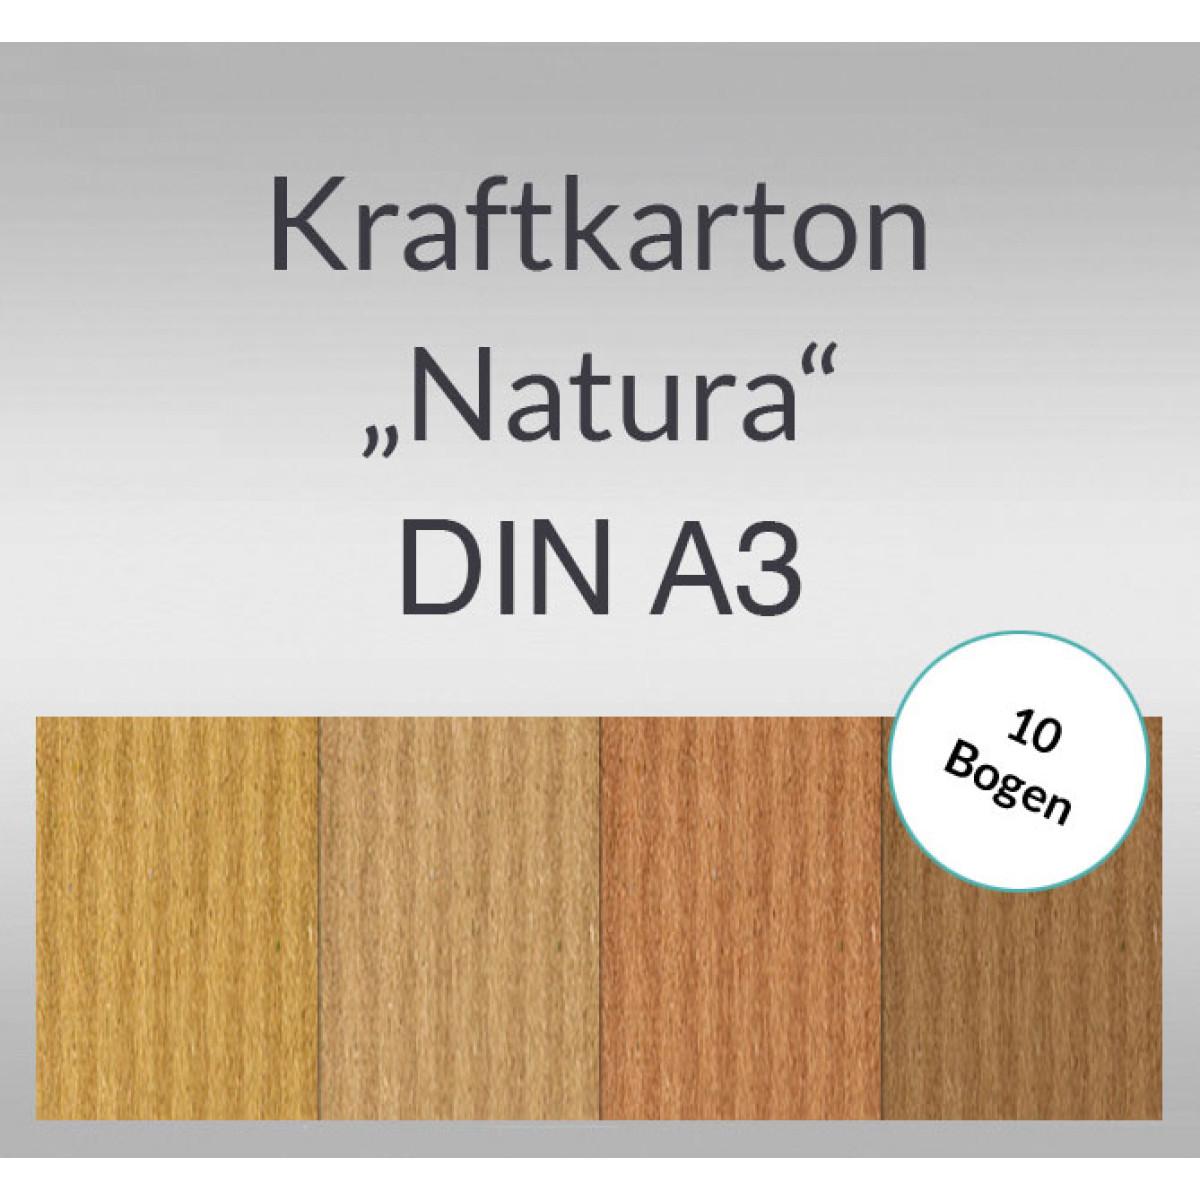 """Kraftkarton """"Natura"""" DIN A3 - 16 Blatt sortiert"""